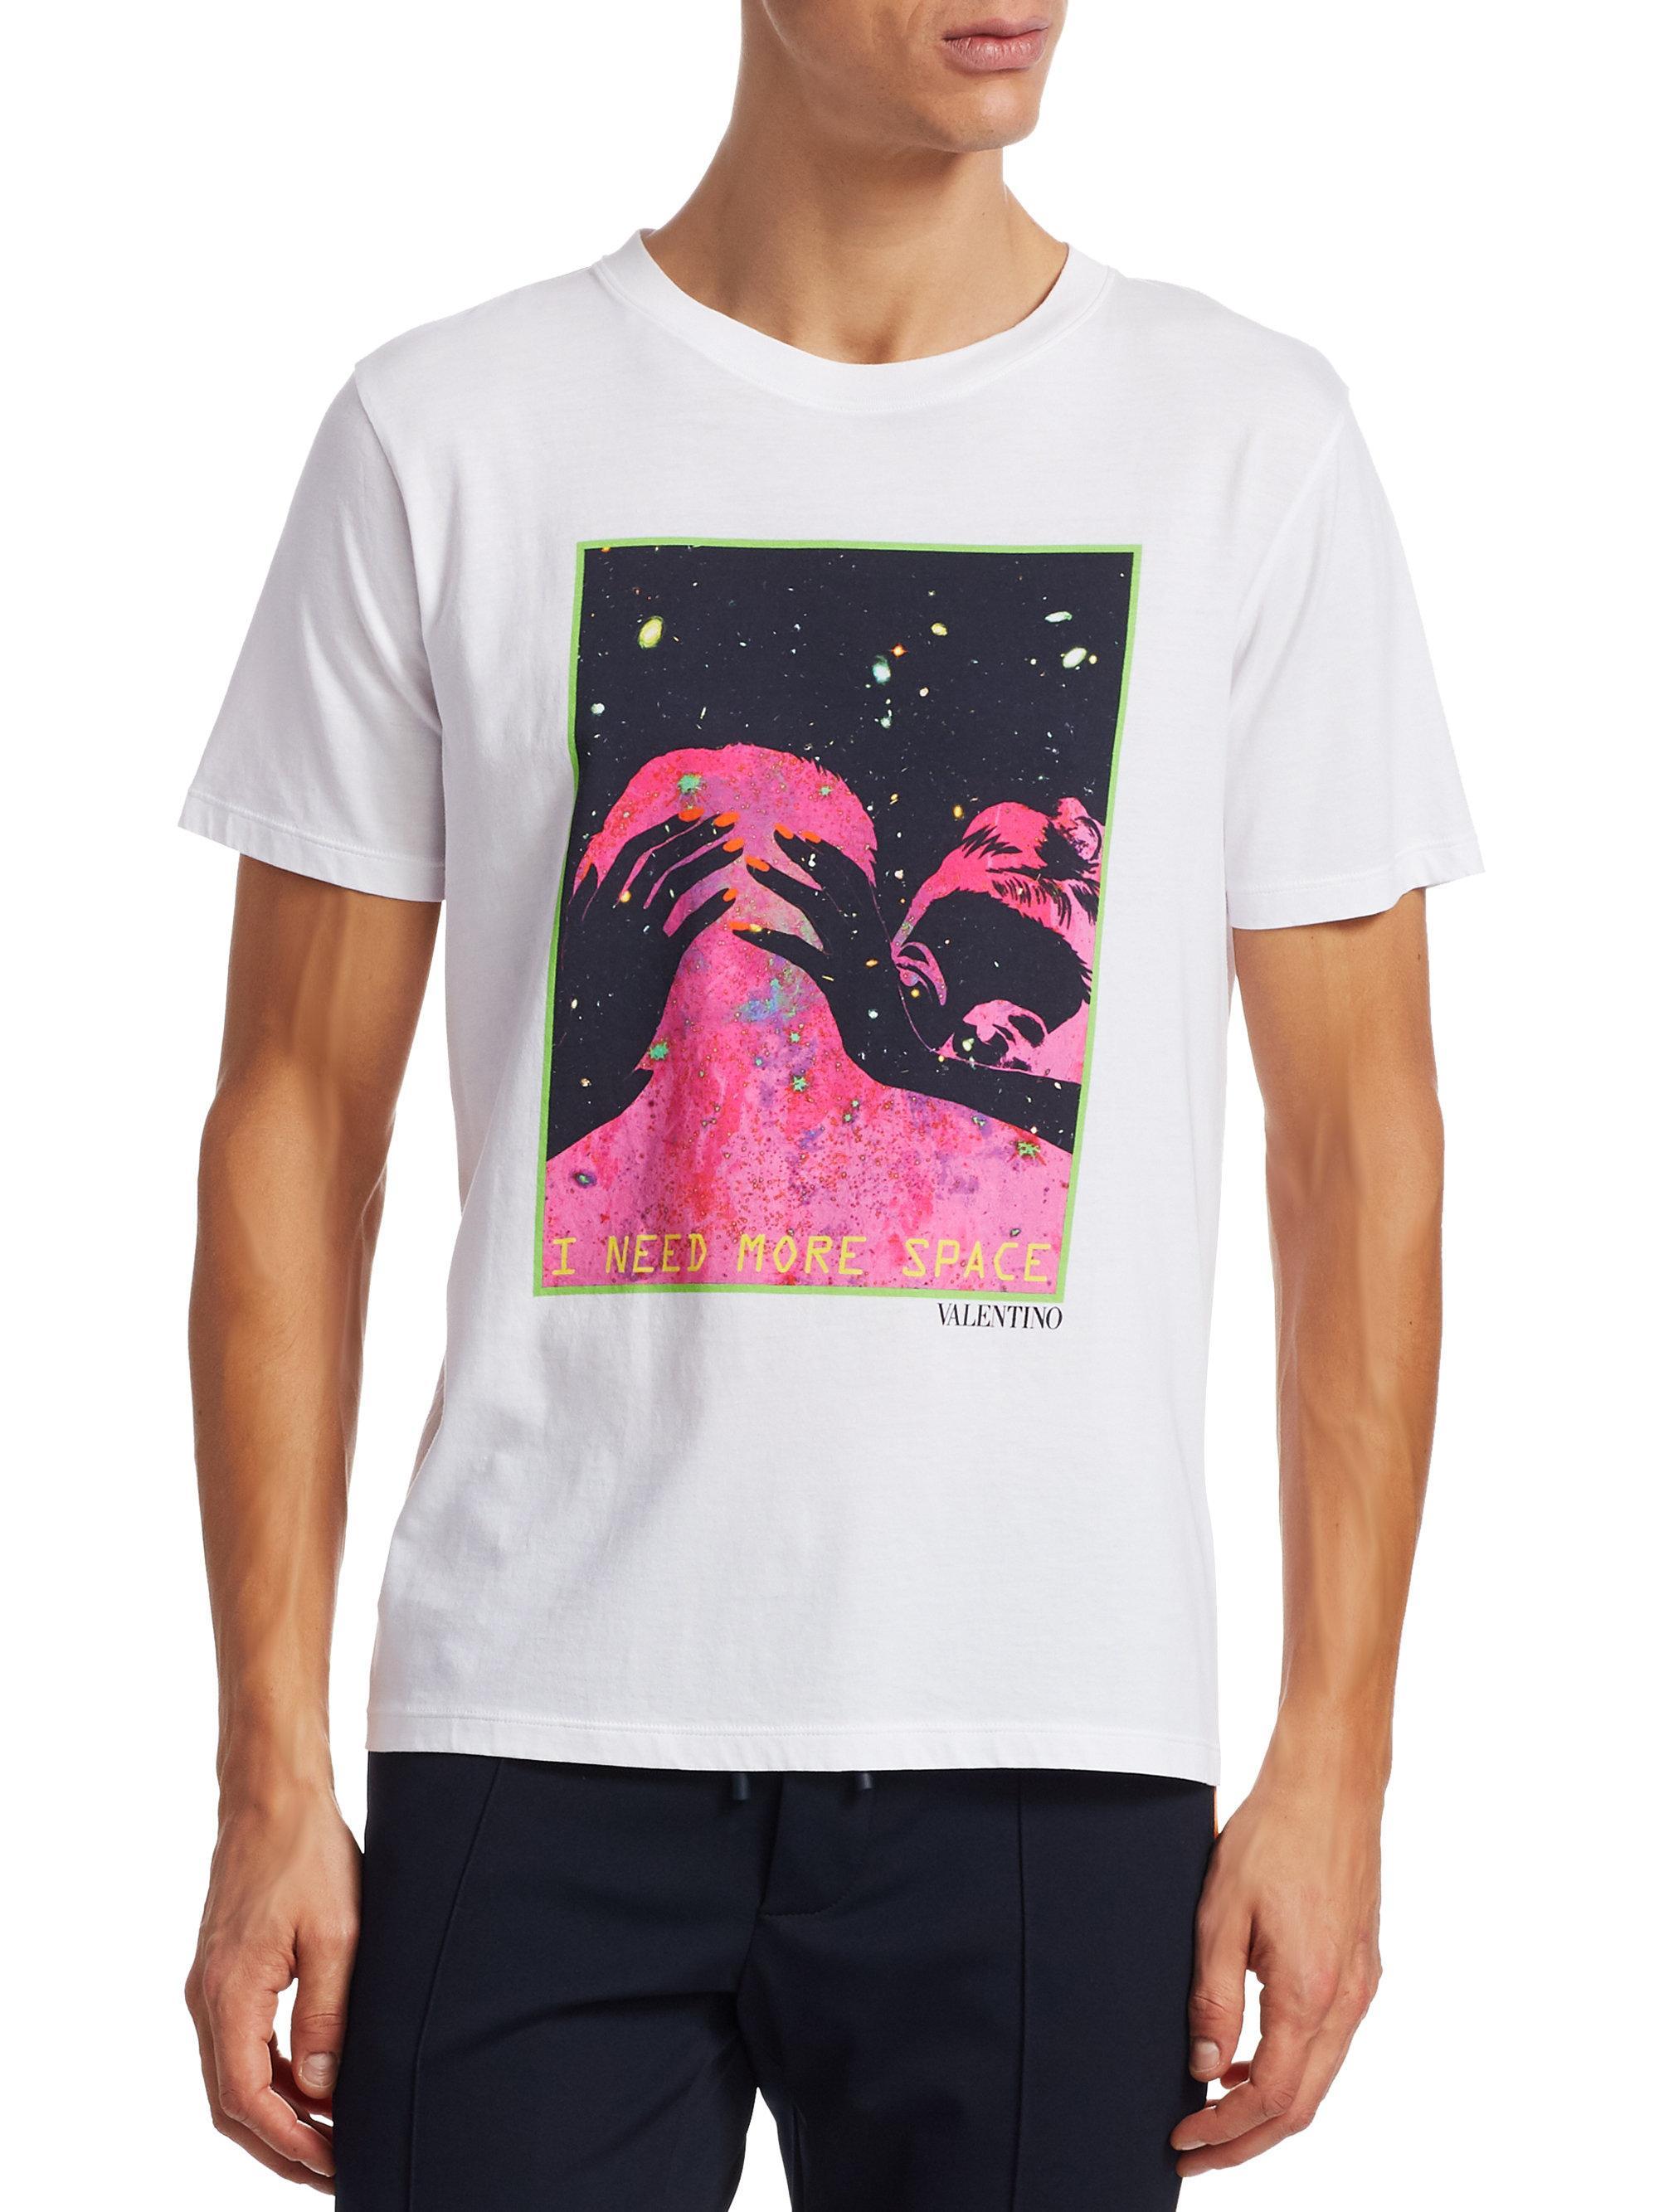 más del Necesito espacio valentino camiseta F8wq7Y